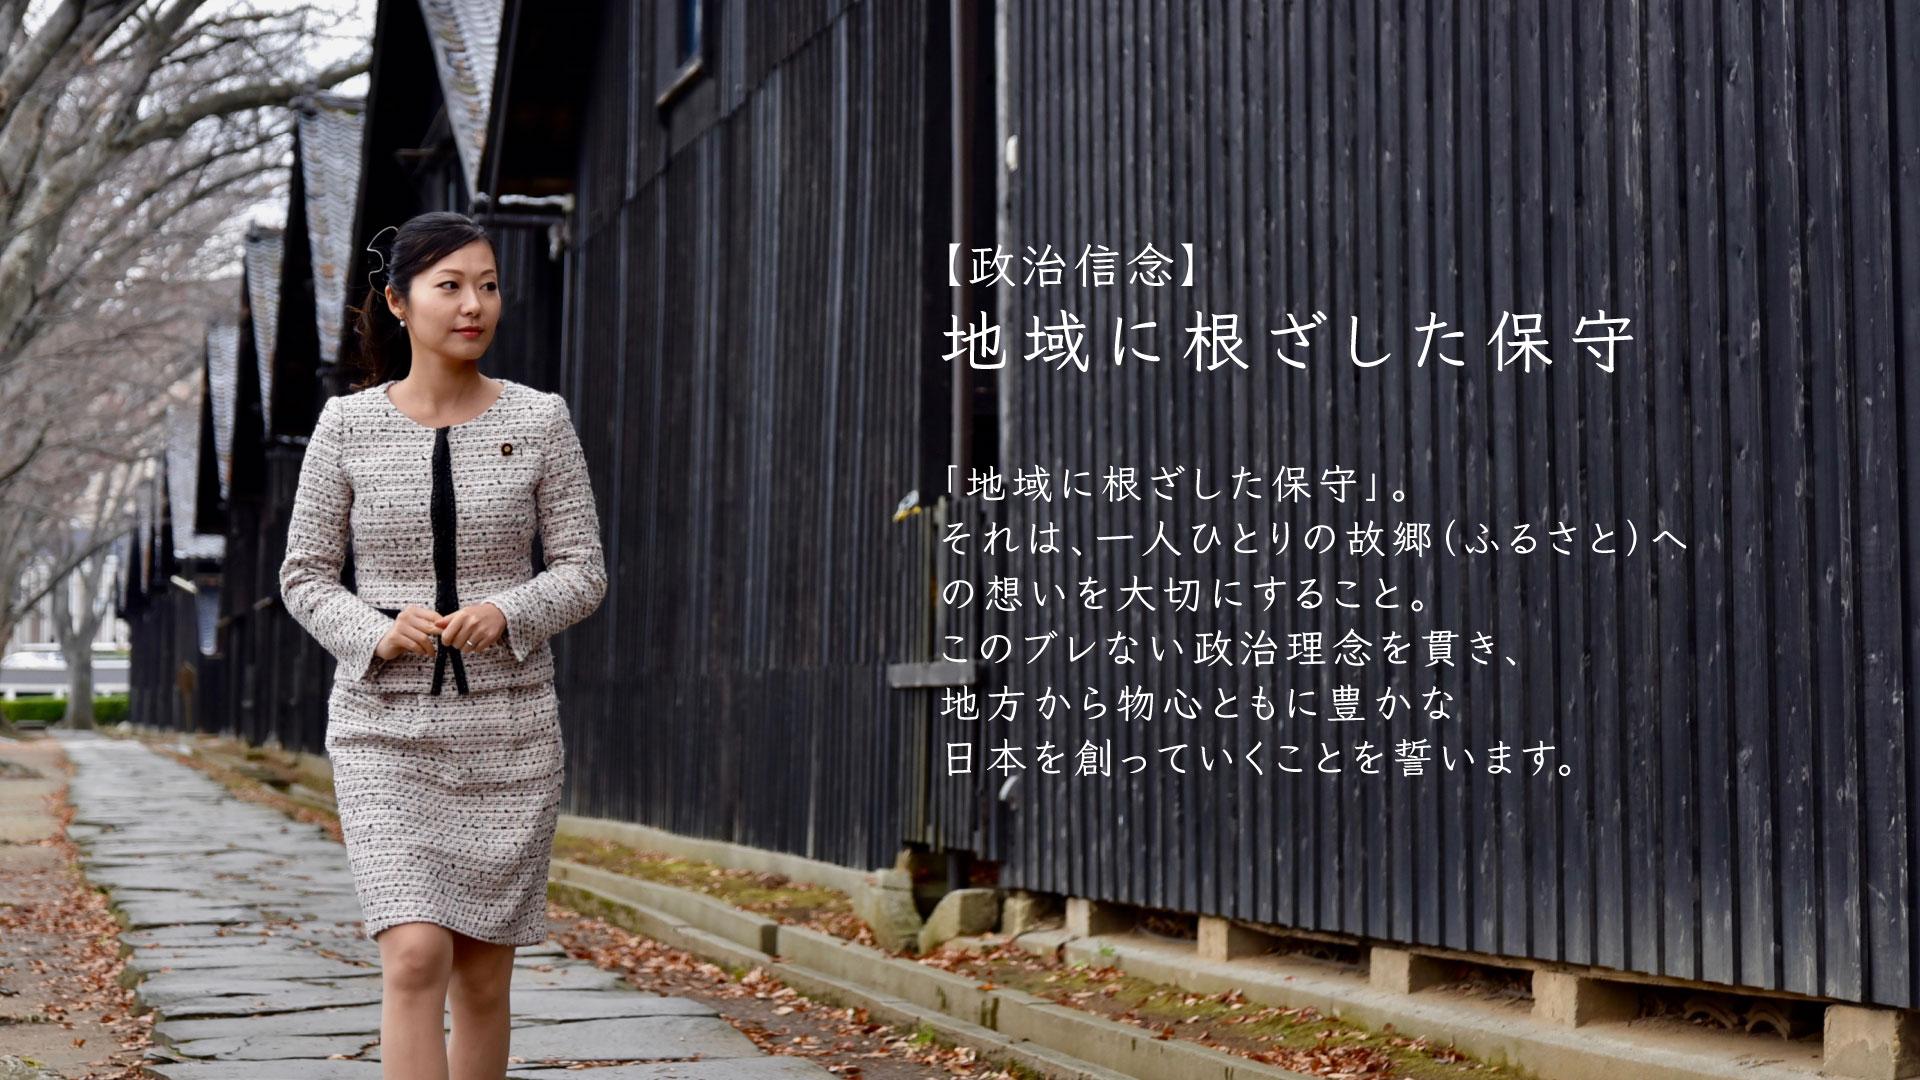 政治信念:地域に根ざした保守 「地域に根ざした保守」。それは、一人ひとりの故郷(ふるさと)への思いを大切にすること。 このぶれない政治理念を貫き、地方から物心ともに豊かな日本をつくっていくことを誓います。